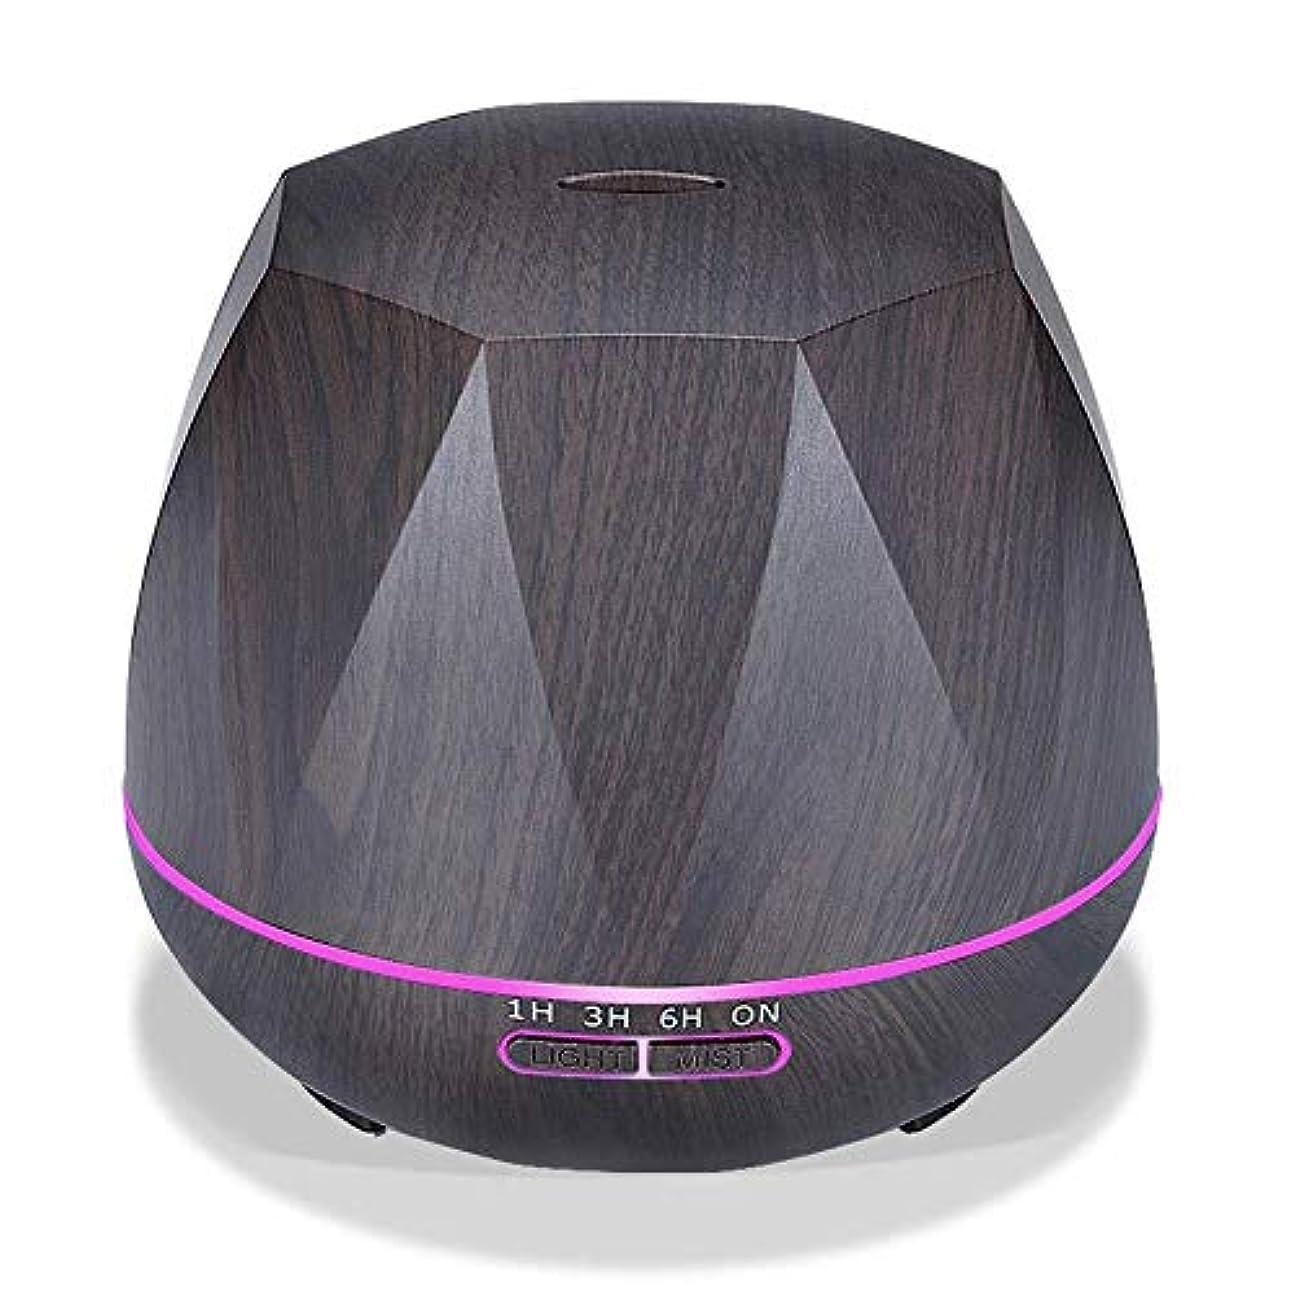 レビュー歌詞オークション木目 涼しい霧 加湿器,7 色 空気を浄化 加湿機 時間 デスクトップ 精油 ディフューザー アロマネブライザー Yoga ベッド 寮- 300ml